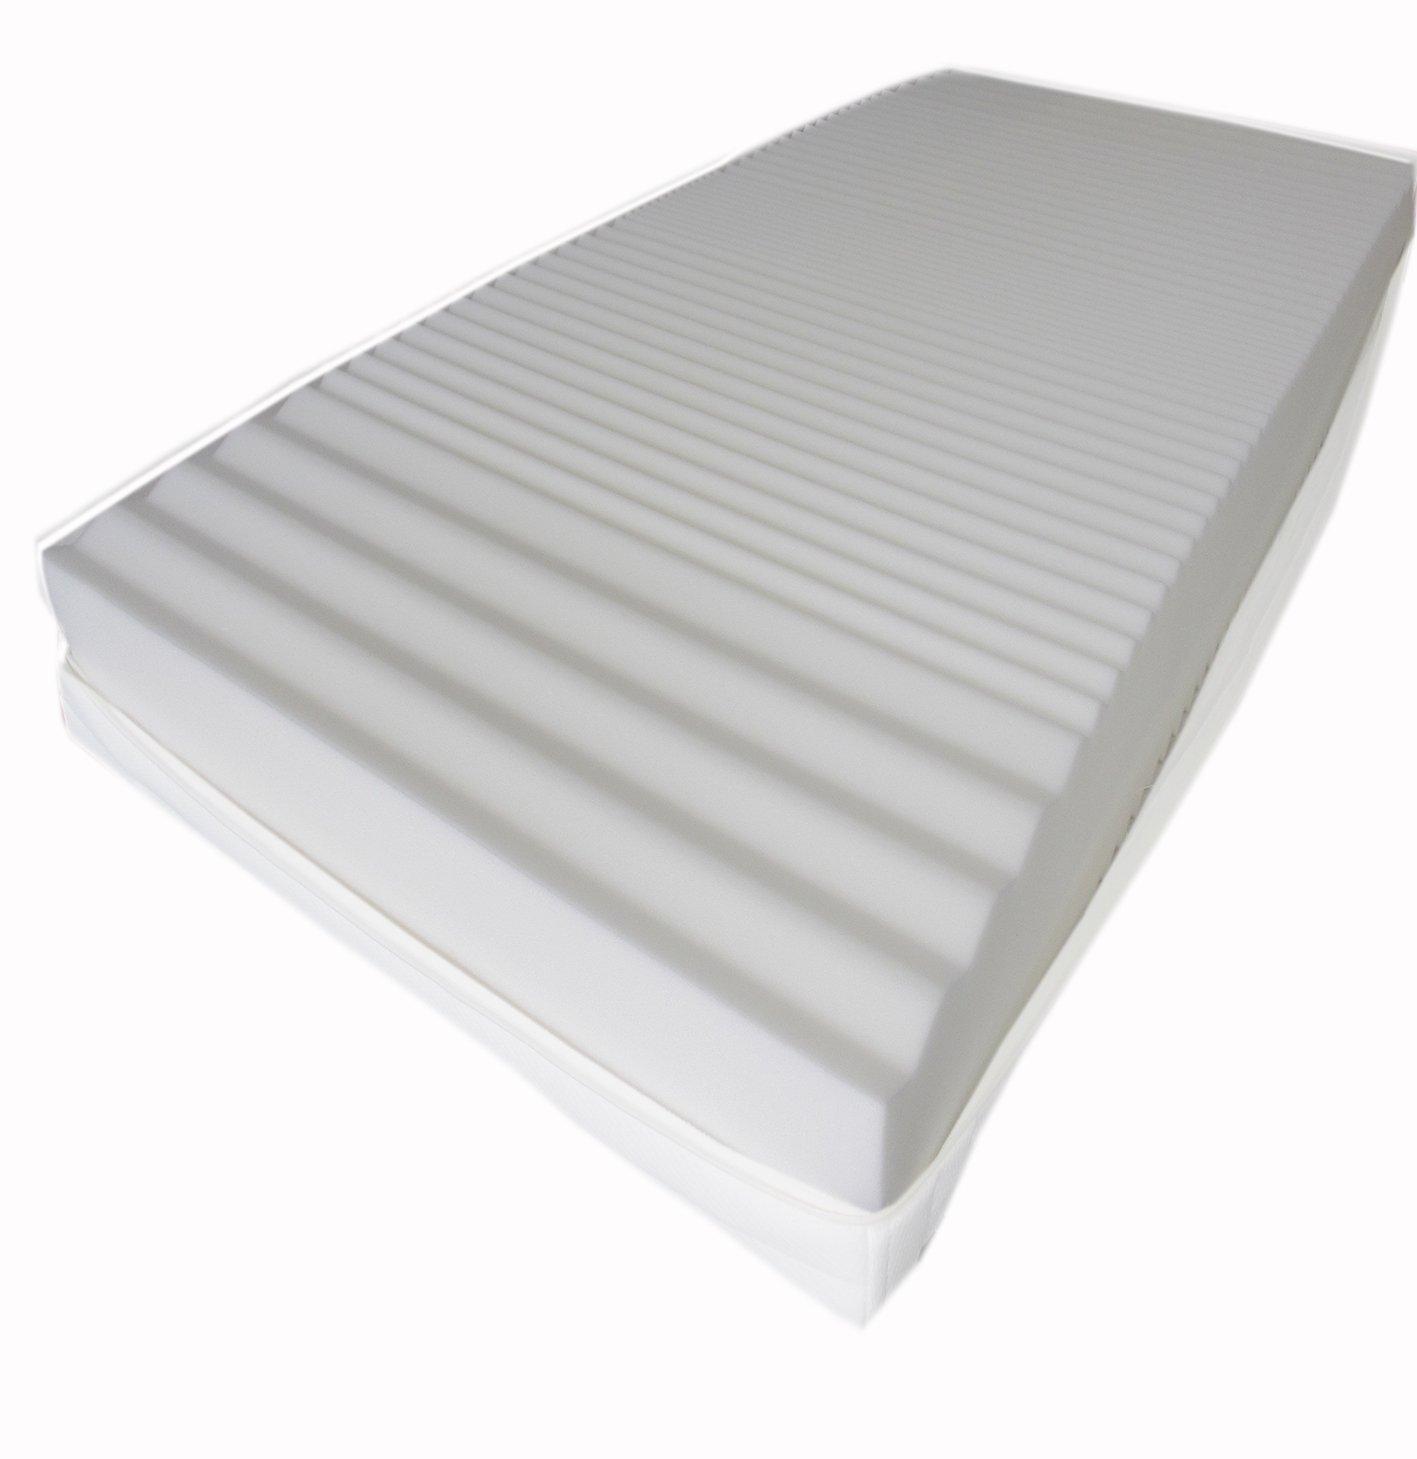 Dibapur® Q3D Air Fresh 9 9 9 Zonen Orthopädische Kaltschaummatratze (Q3D 120x190) x ca.15,5 cm Kern mit 3D Air Fresh Bezug ca.16 cm Härtegrad  2,5 (bis ca.110 kg) Q Steht für Qualität Made in Germany f8029d